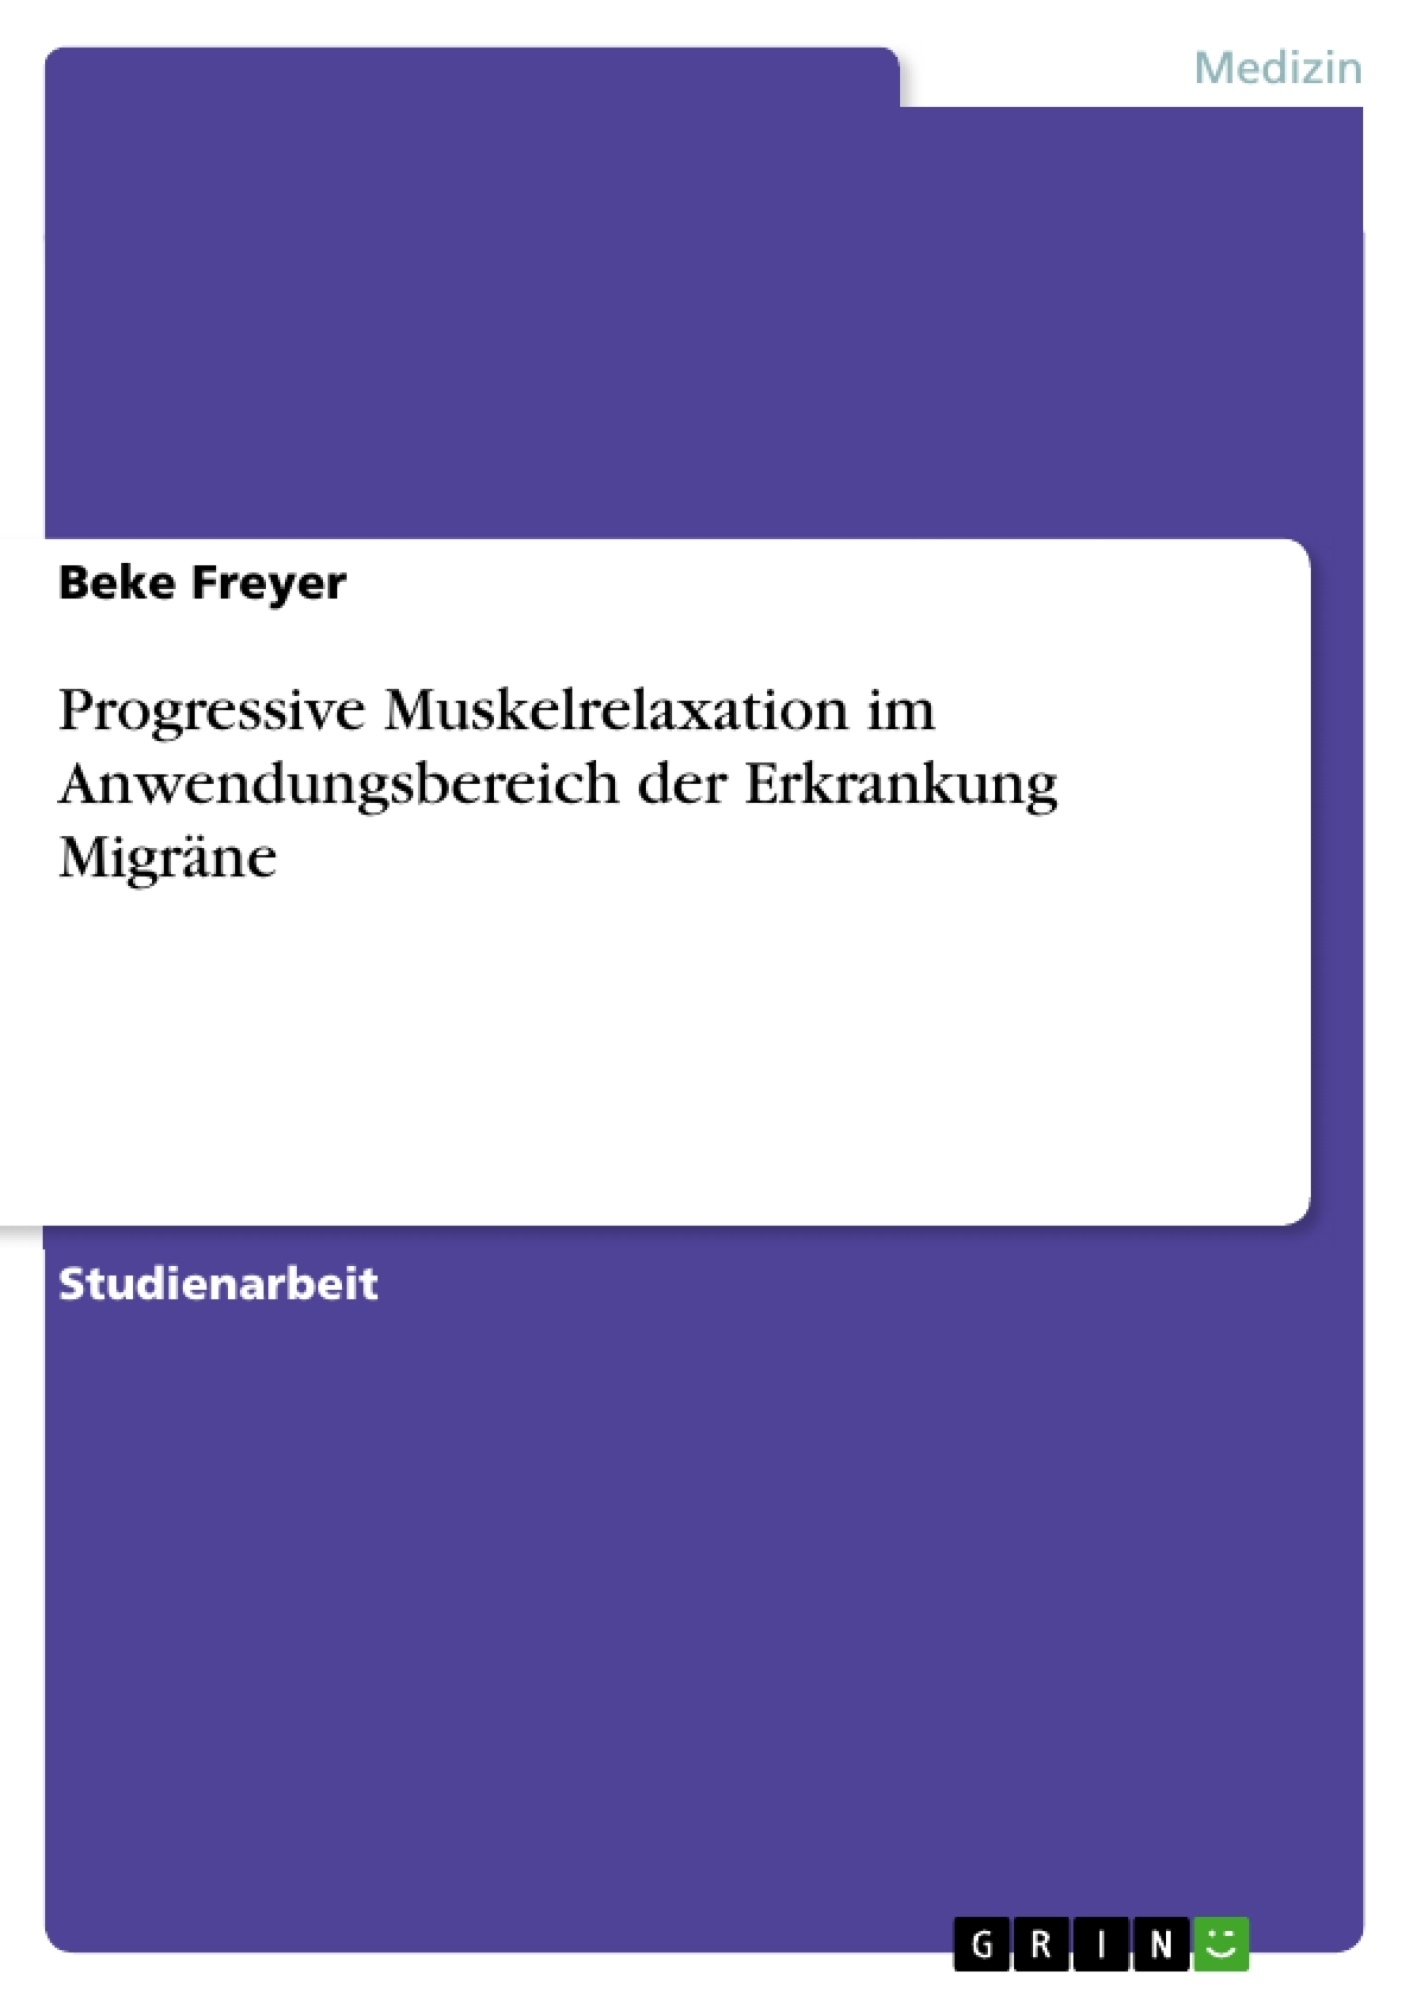 Titel: Progressive Muskelrelaxation im Anwendungsbereich der Erkrankung Migräne